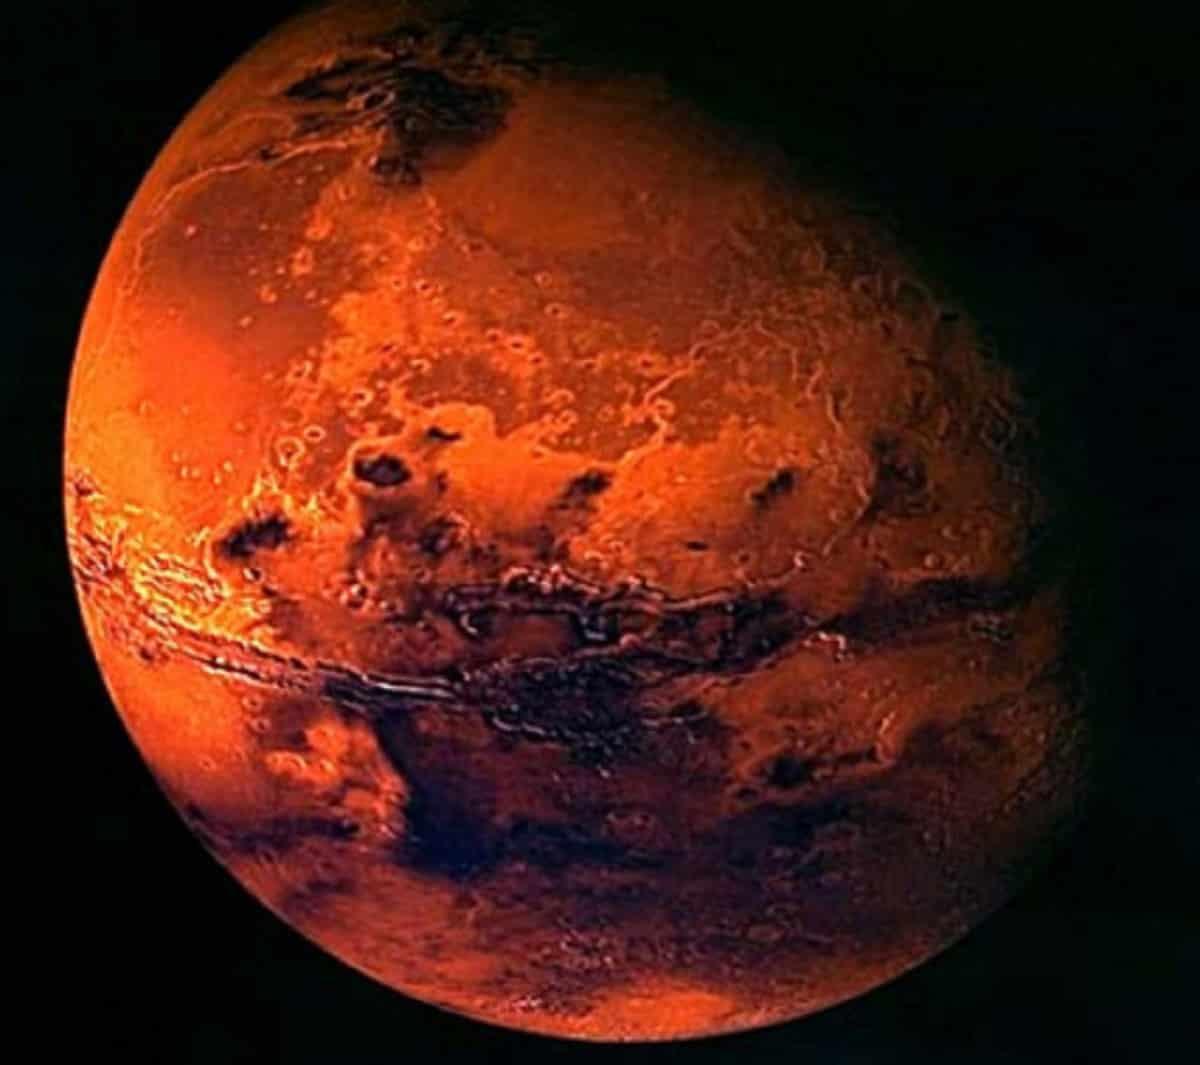 Marte, è possibile trasformarlo in un pianeta ospitale? E' più difficile di quanto possa sembrare